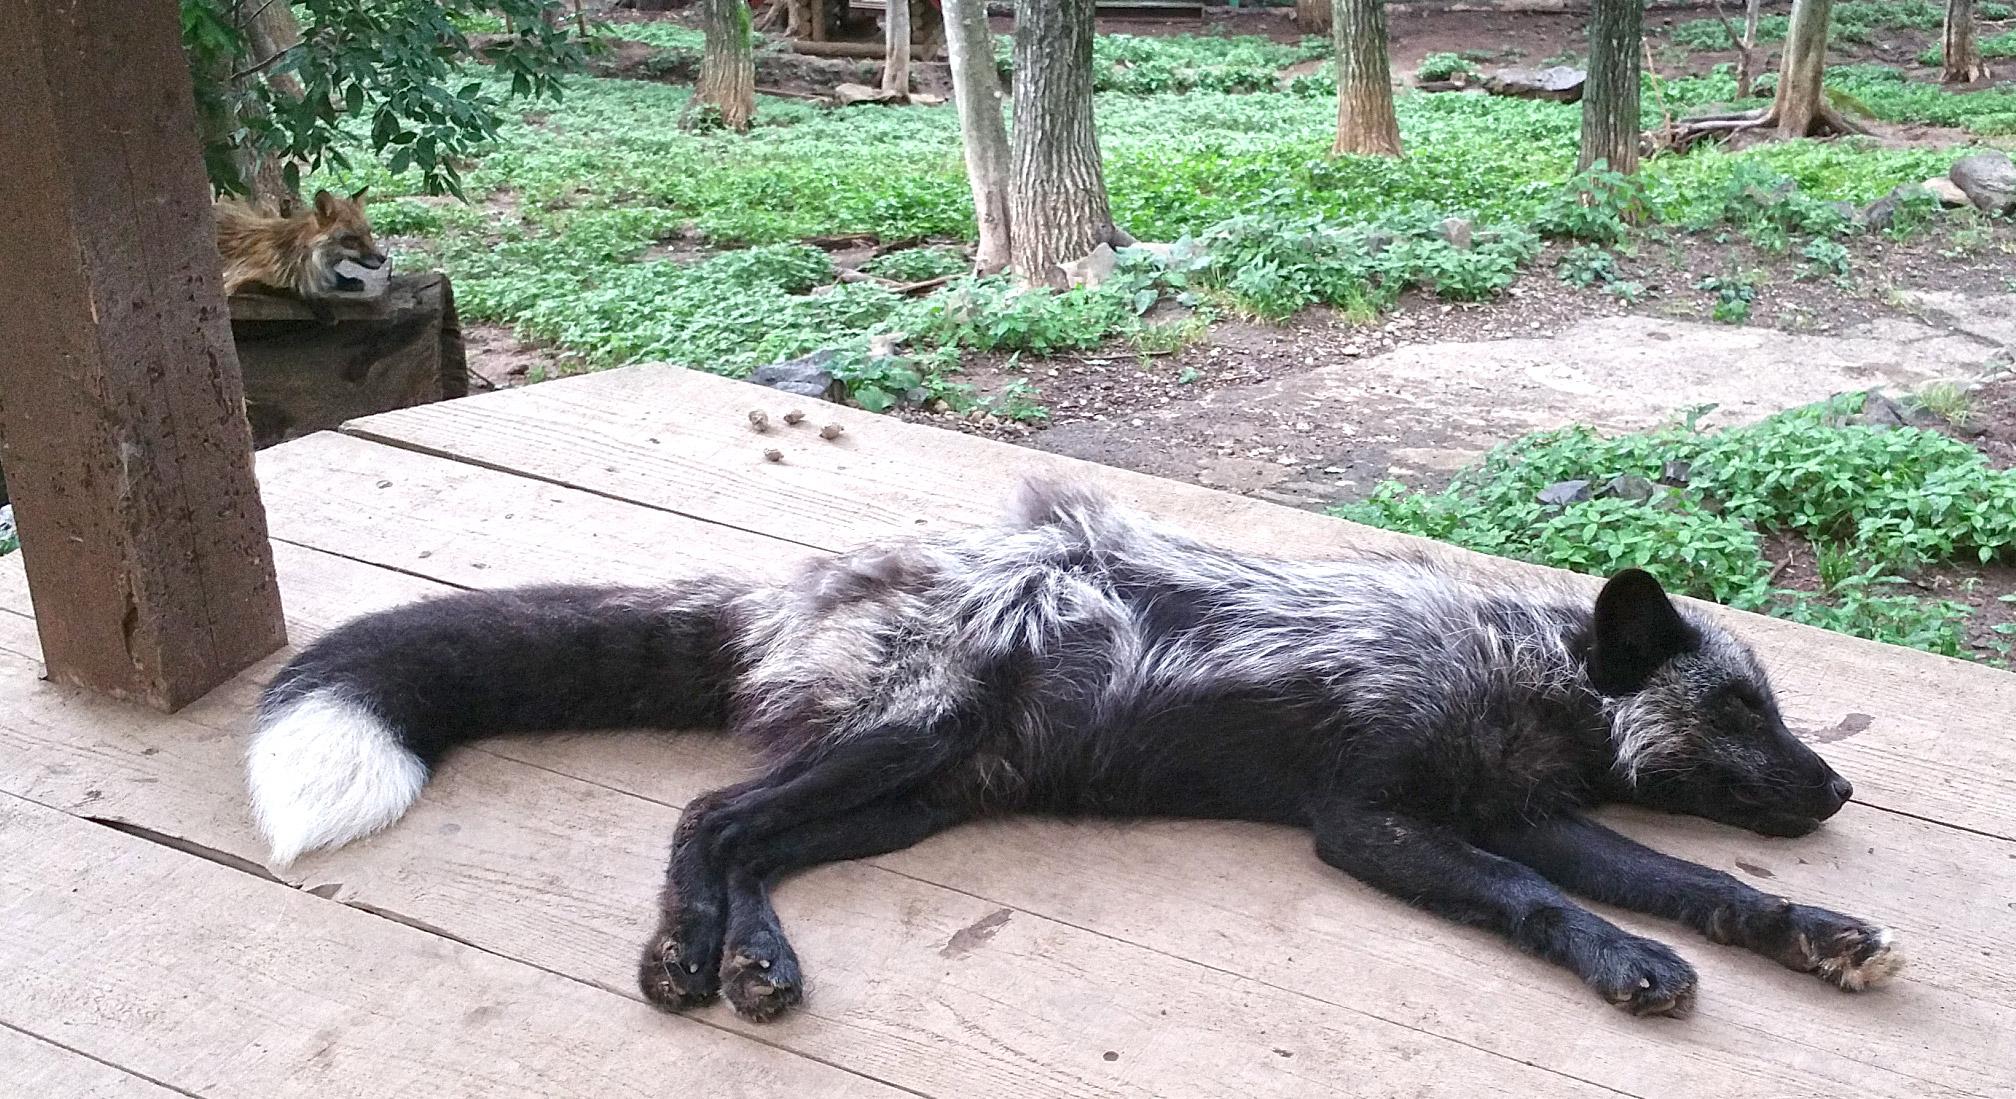 Zao-Fox-Village-Dark-Fox-Sprawled.jpg